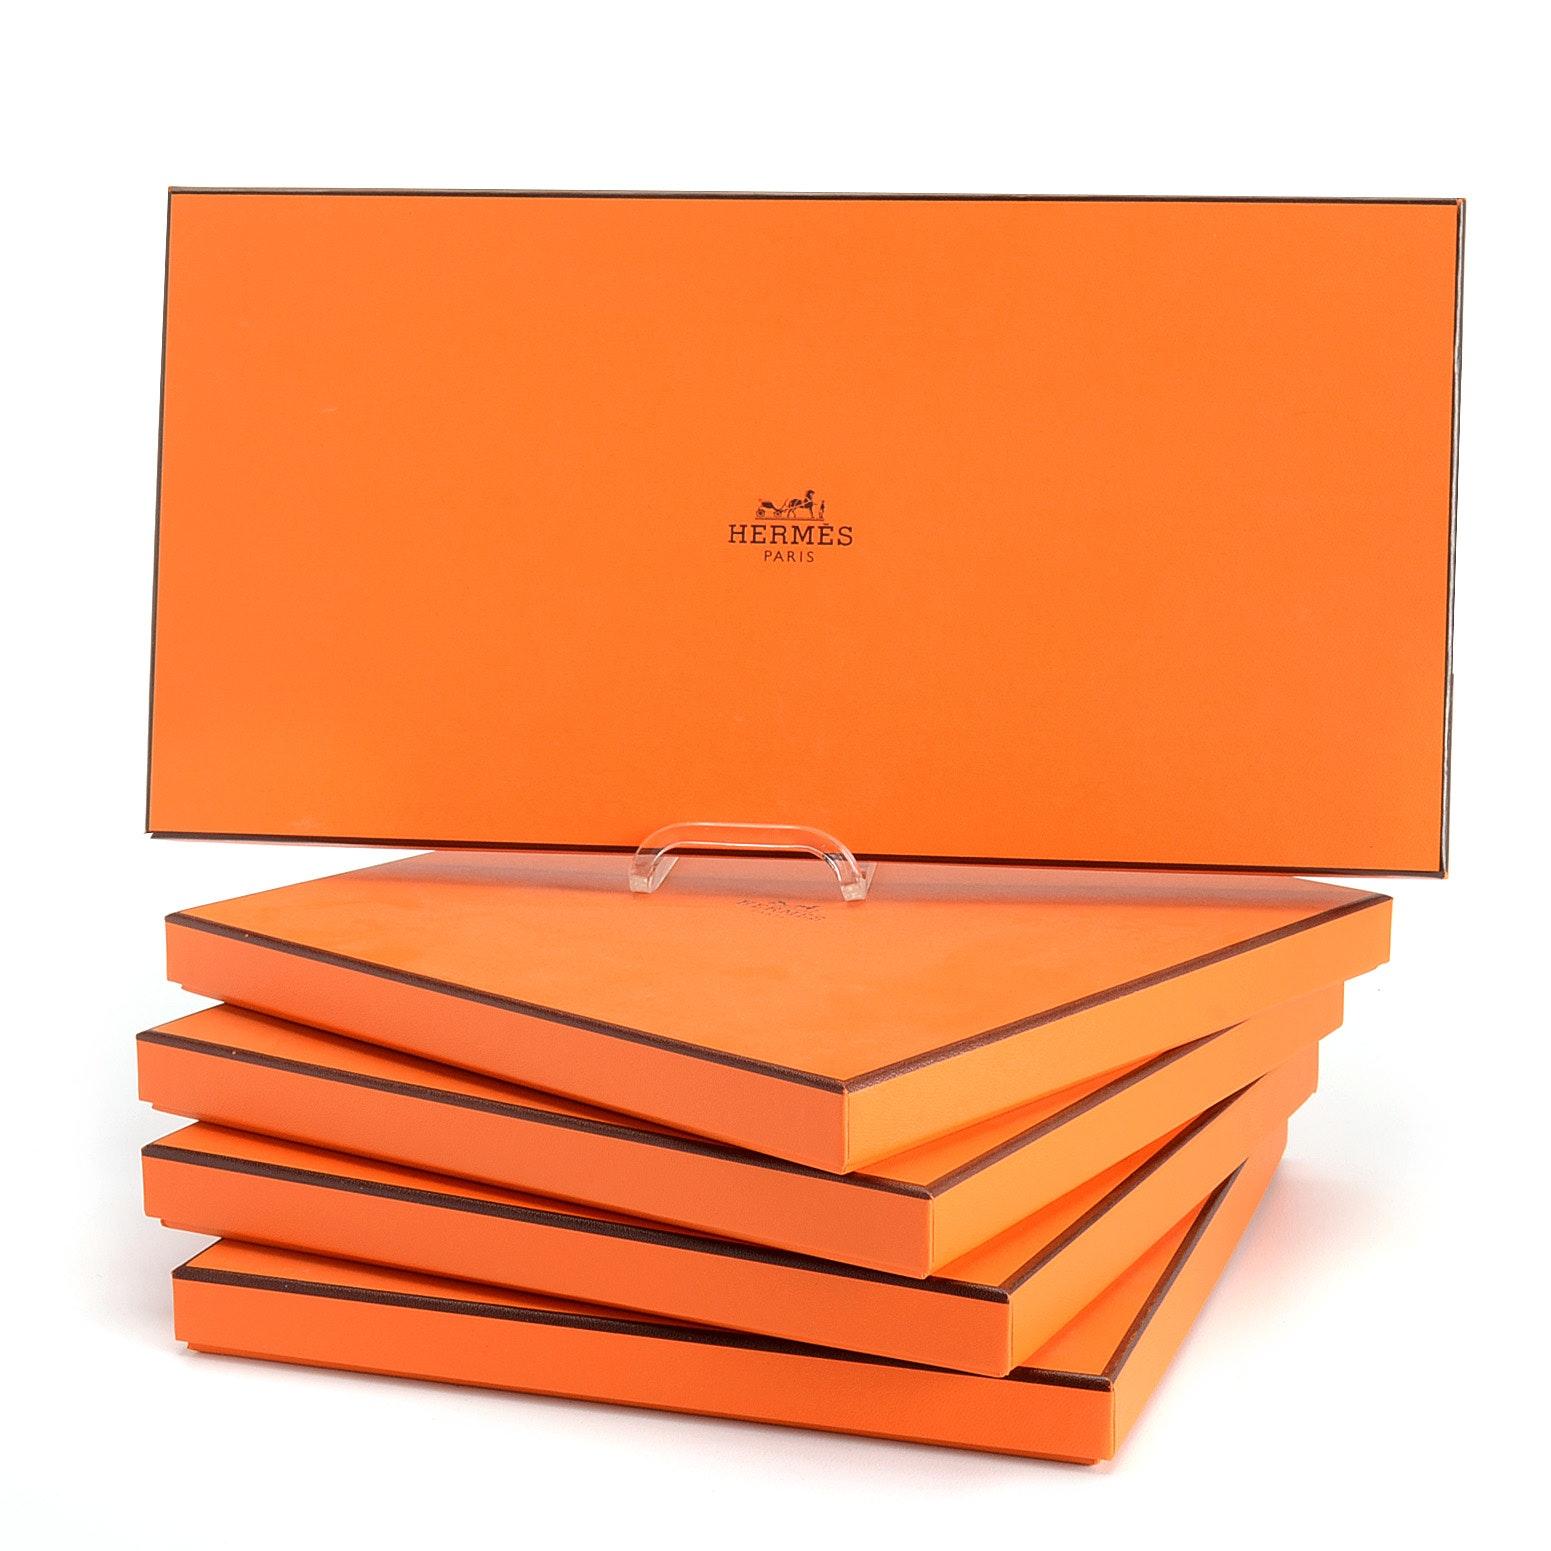 Hermès Flat Scarf Boxes